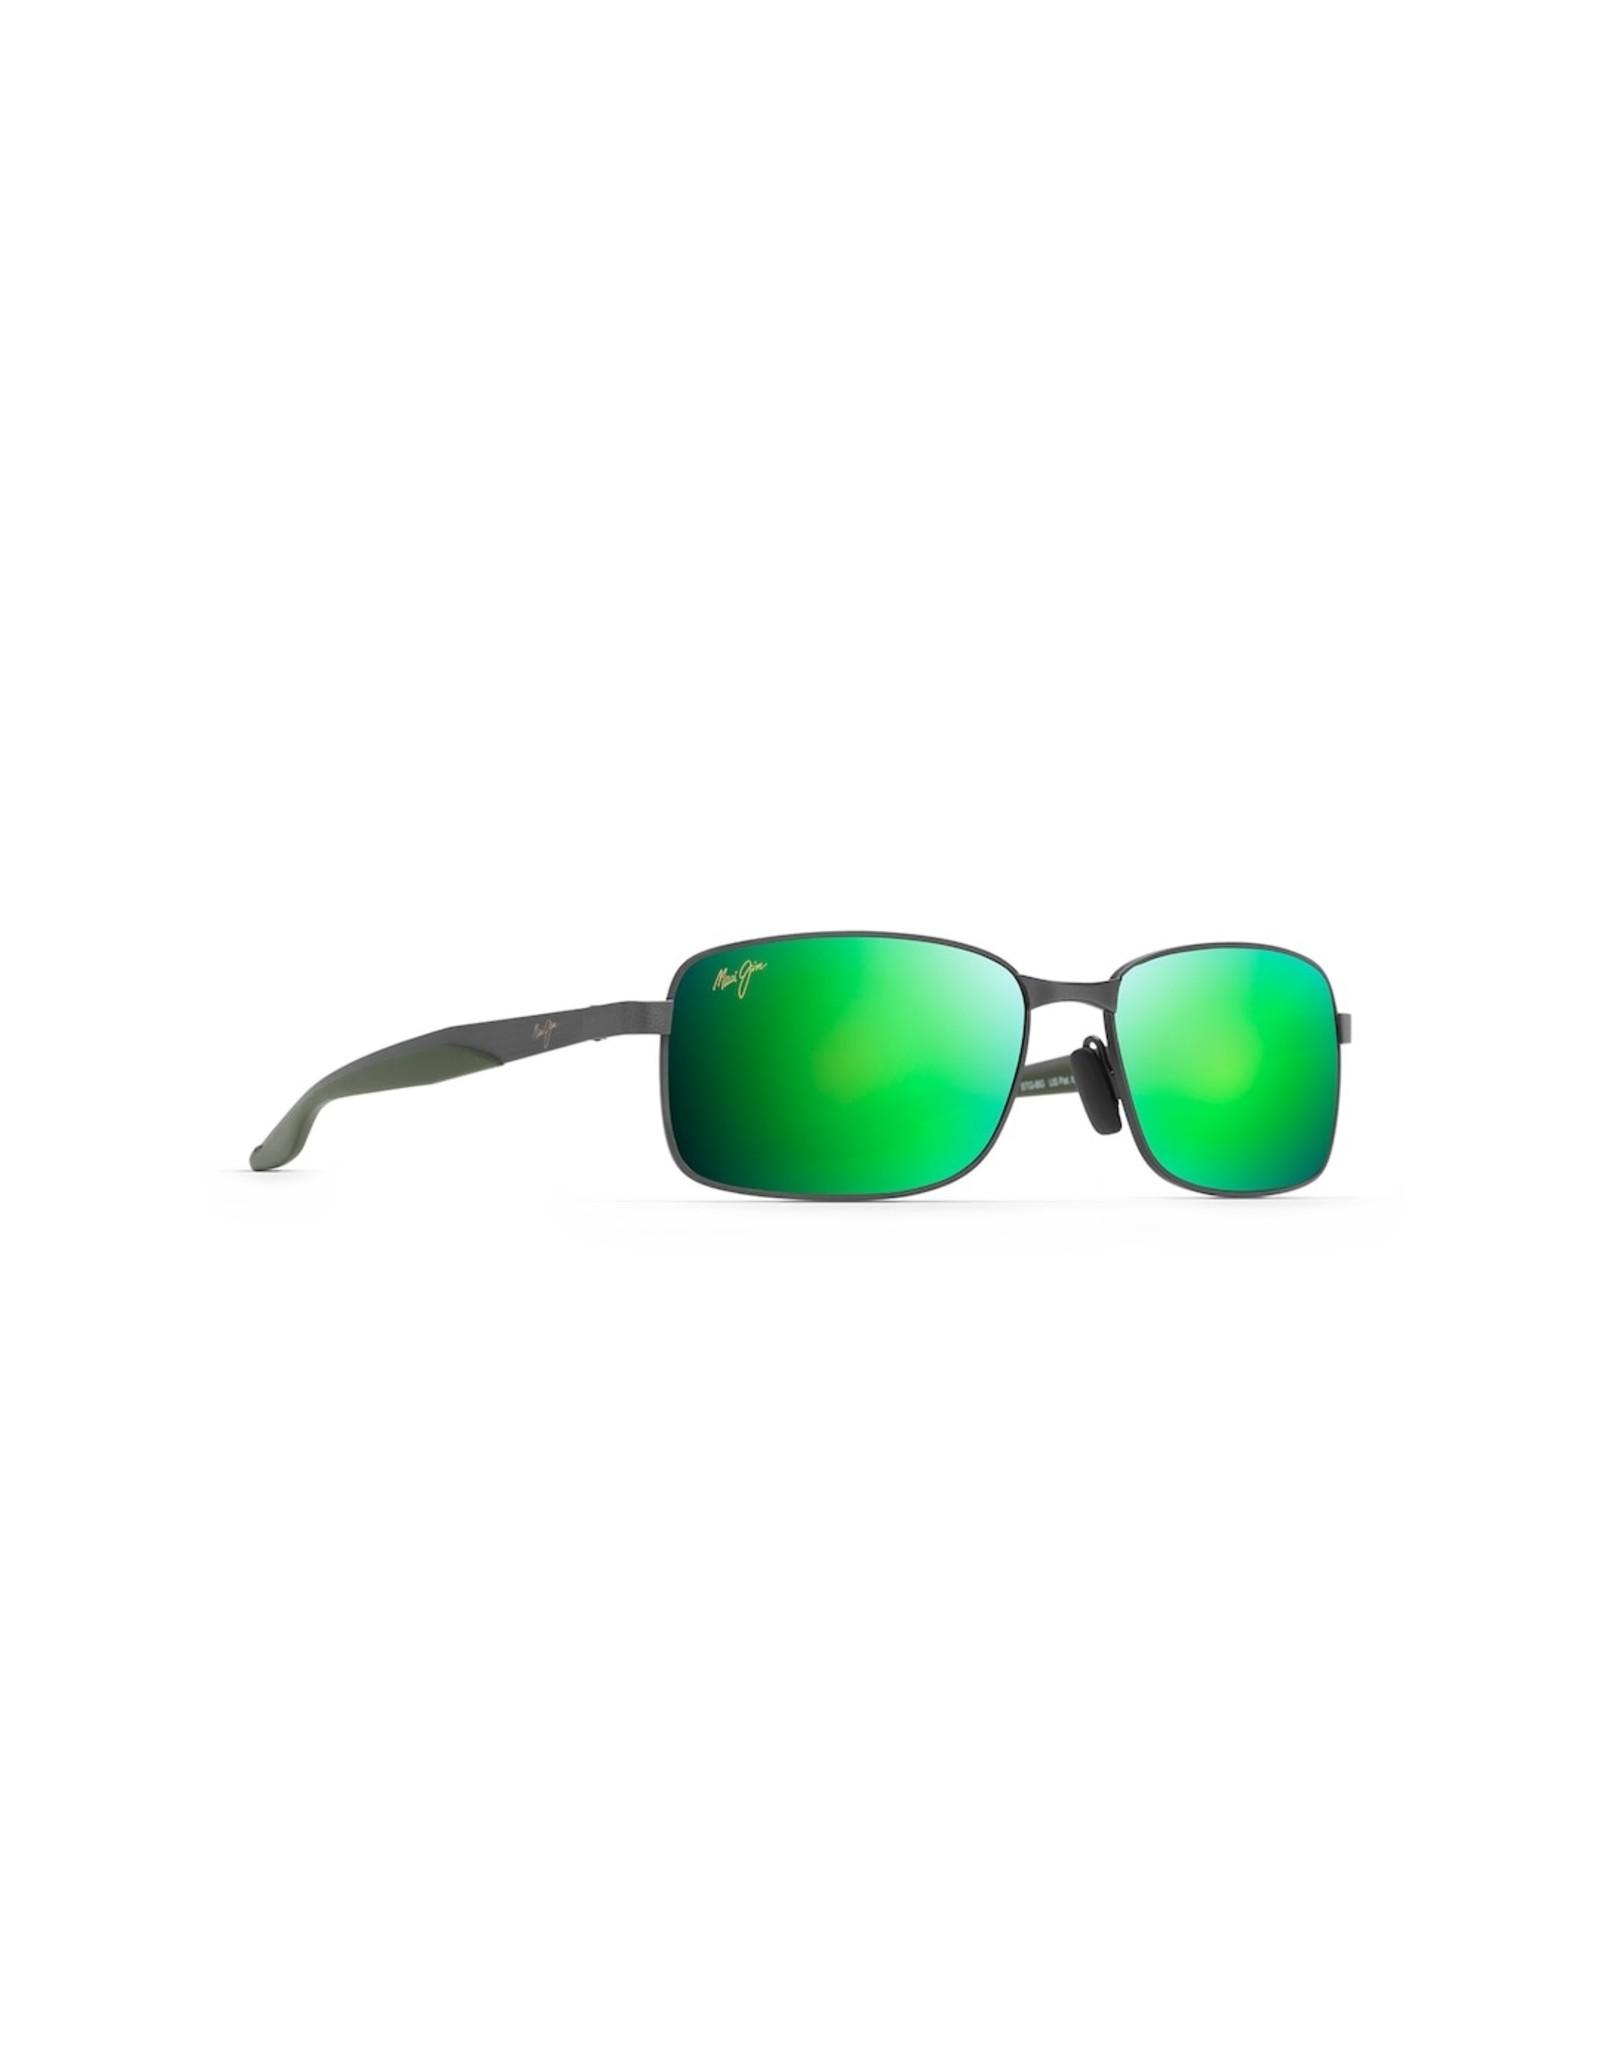 Maui Jim Maui Jim 'Shoal' Sunglasses